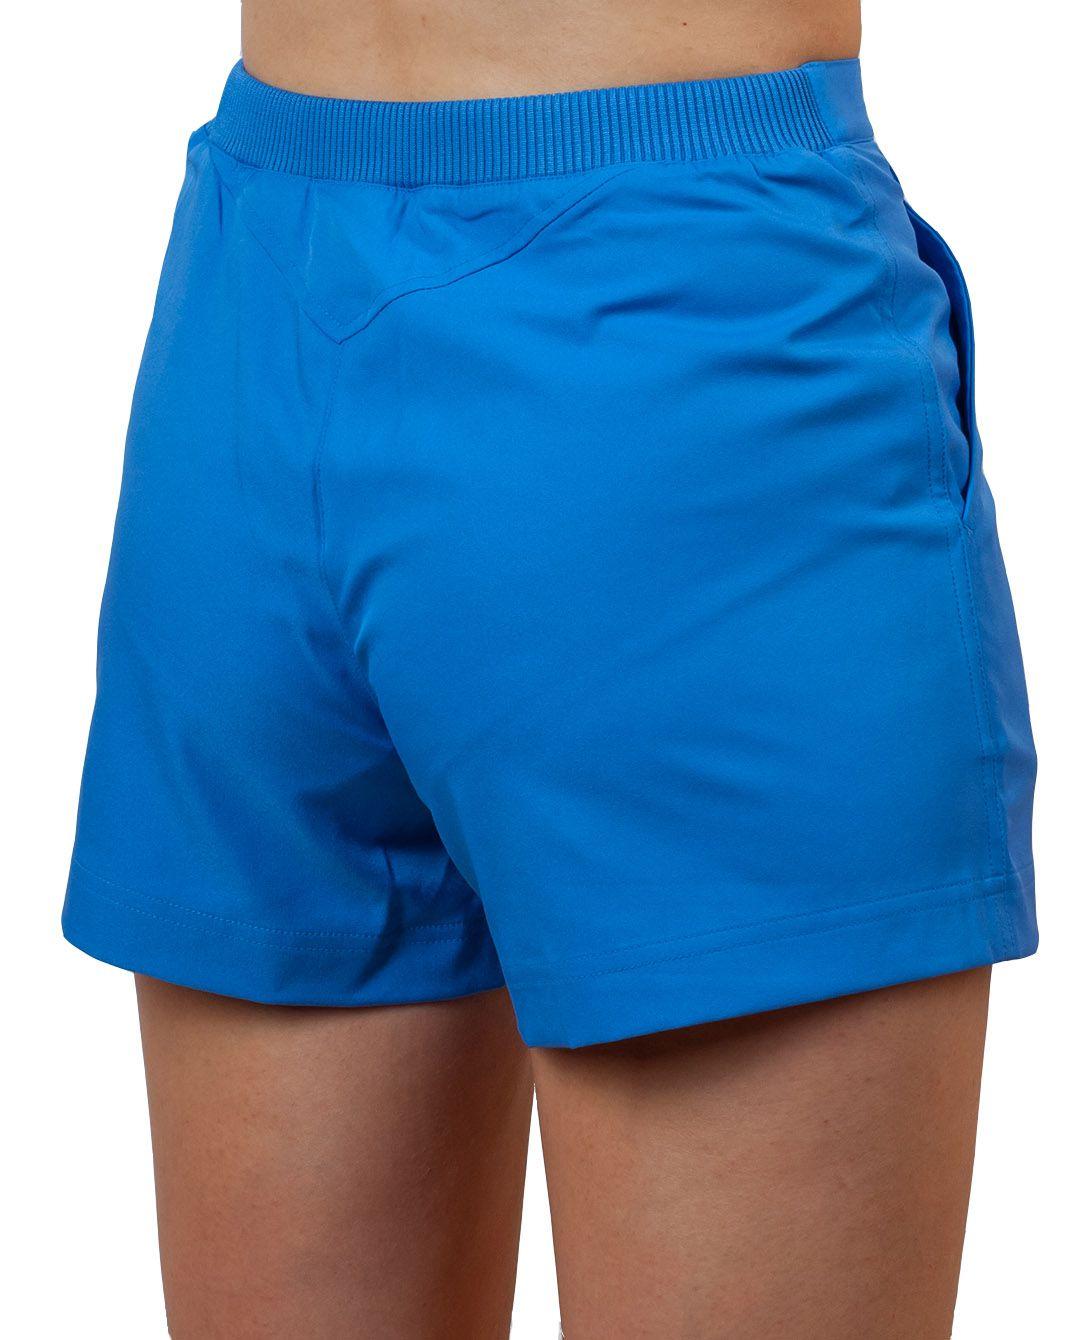 Женские шорты итальянского стиля - вид сзади